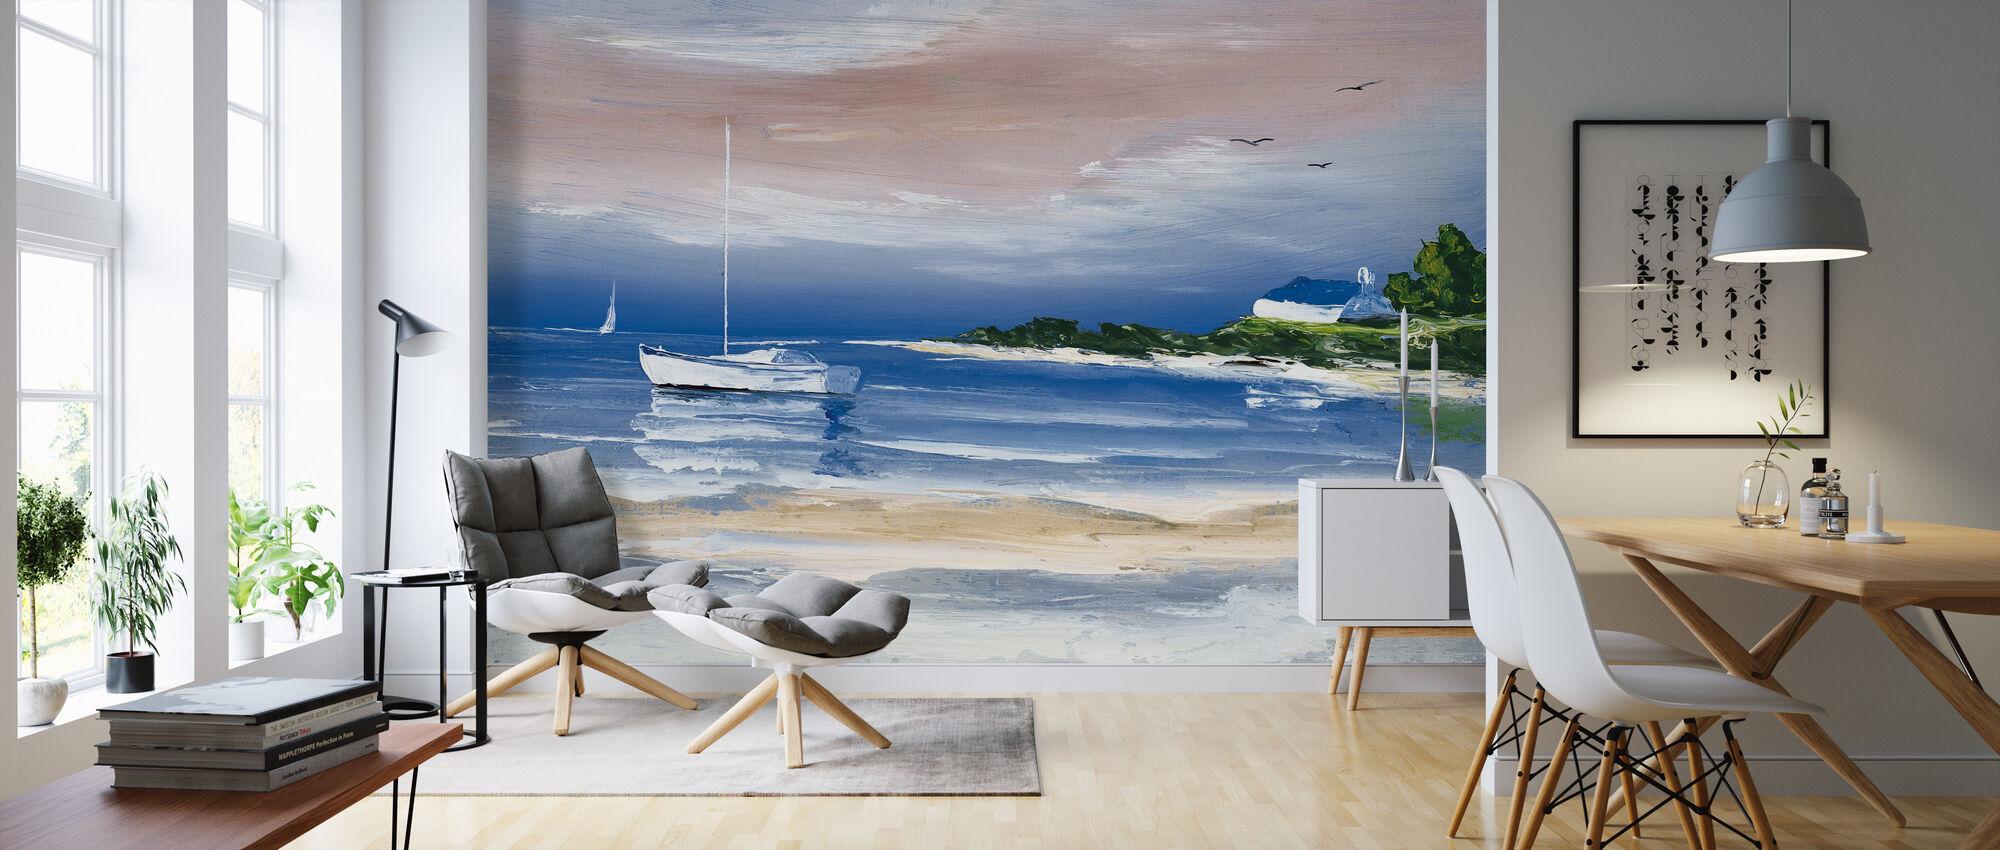 Shore I - Wallpaper - Living Room